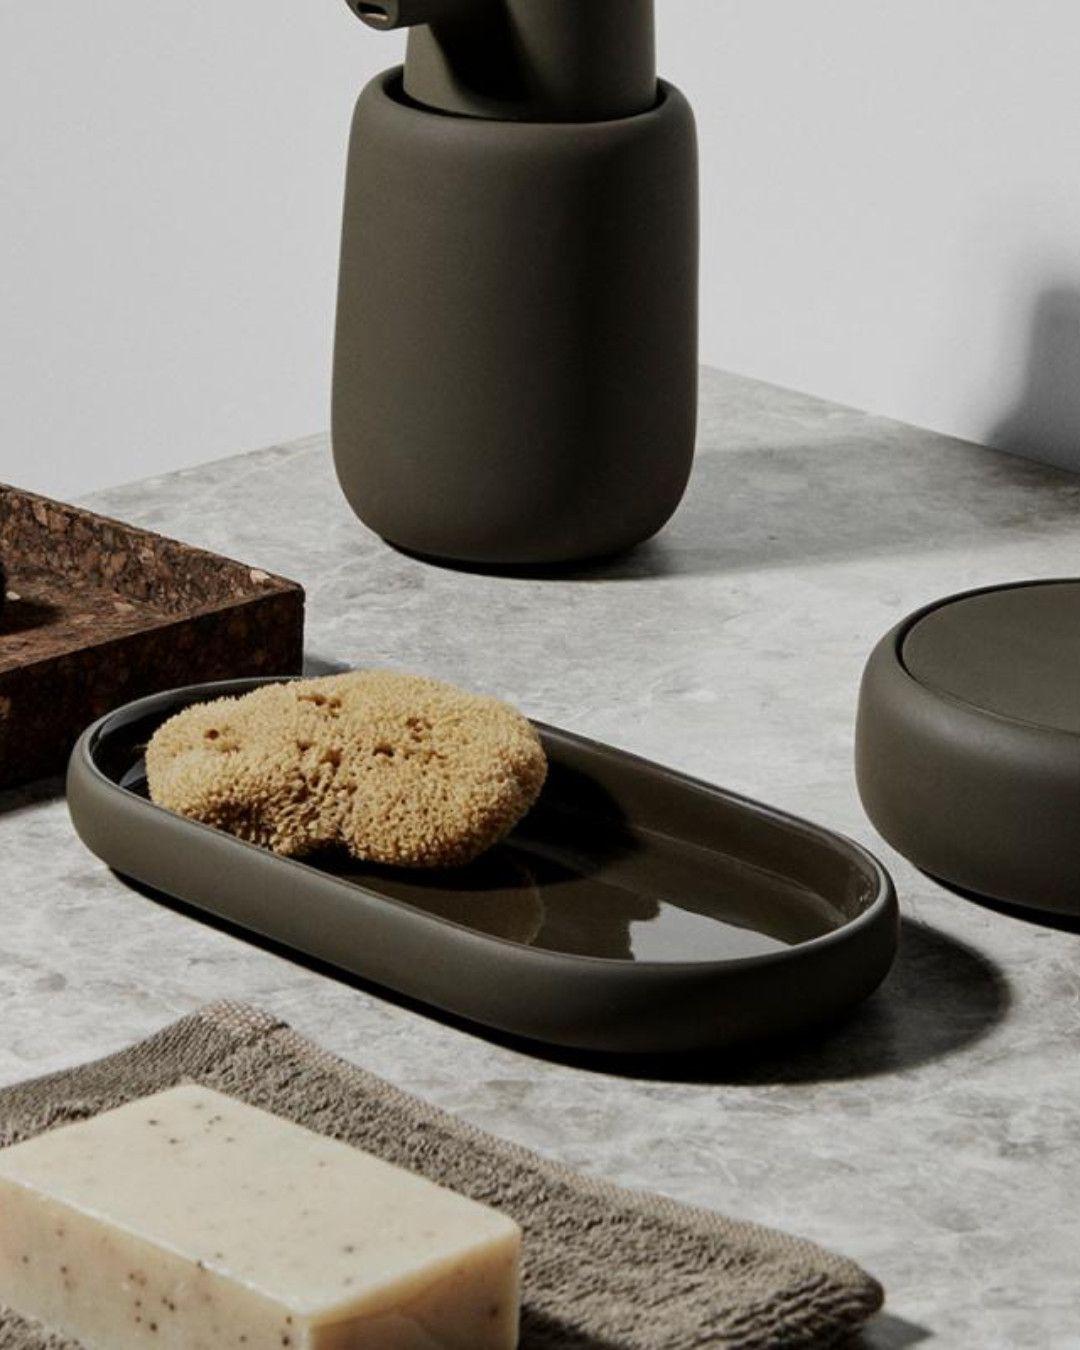 Blomus Sono Tablett Freuen Sie Sich Auf Dieses Stilvoll Praktische Oval Das Blomus Sono Tablett Begeistert Mit Seine Tablett Waschtischkonsole Badaccessoires